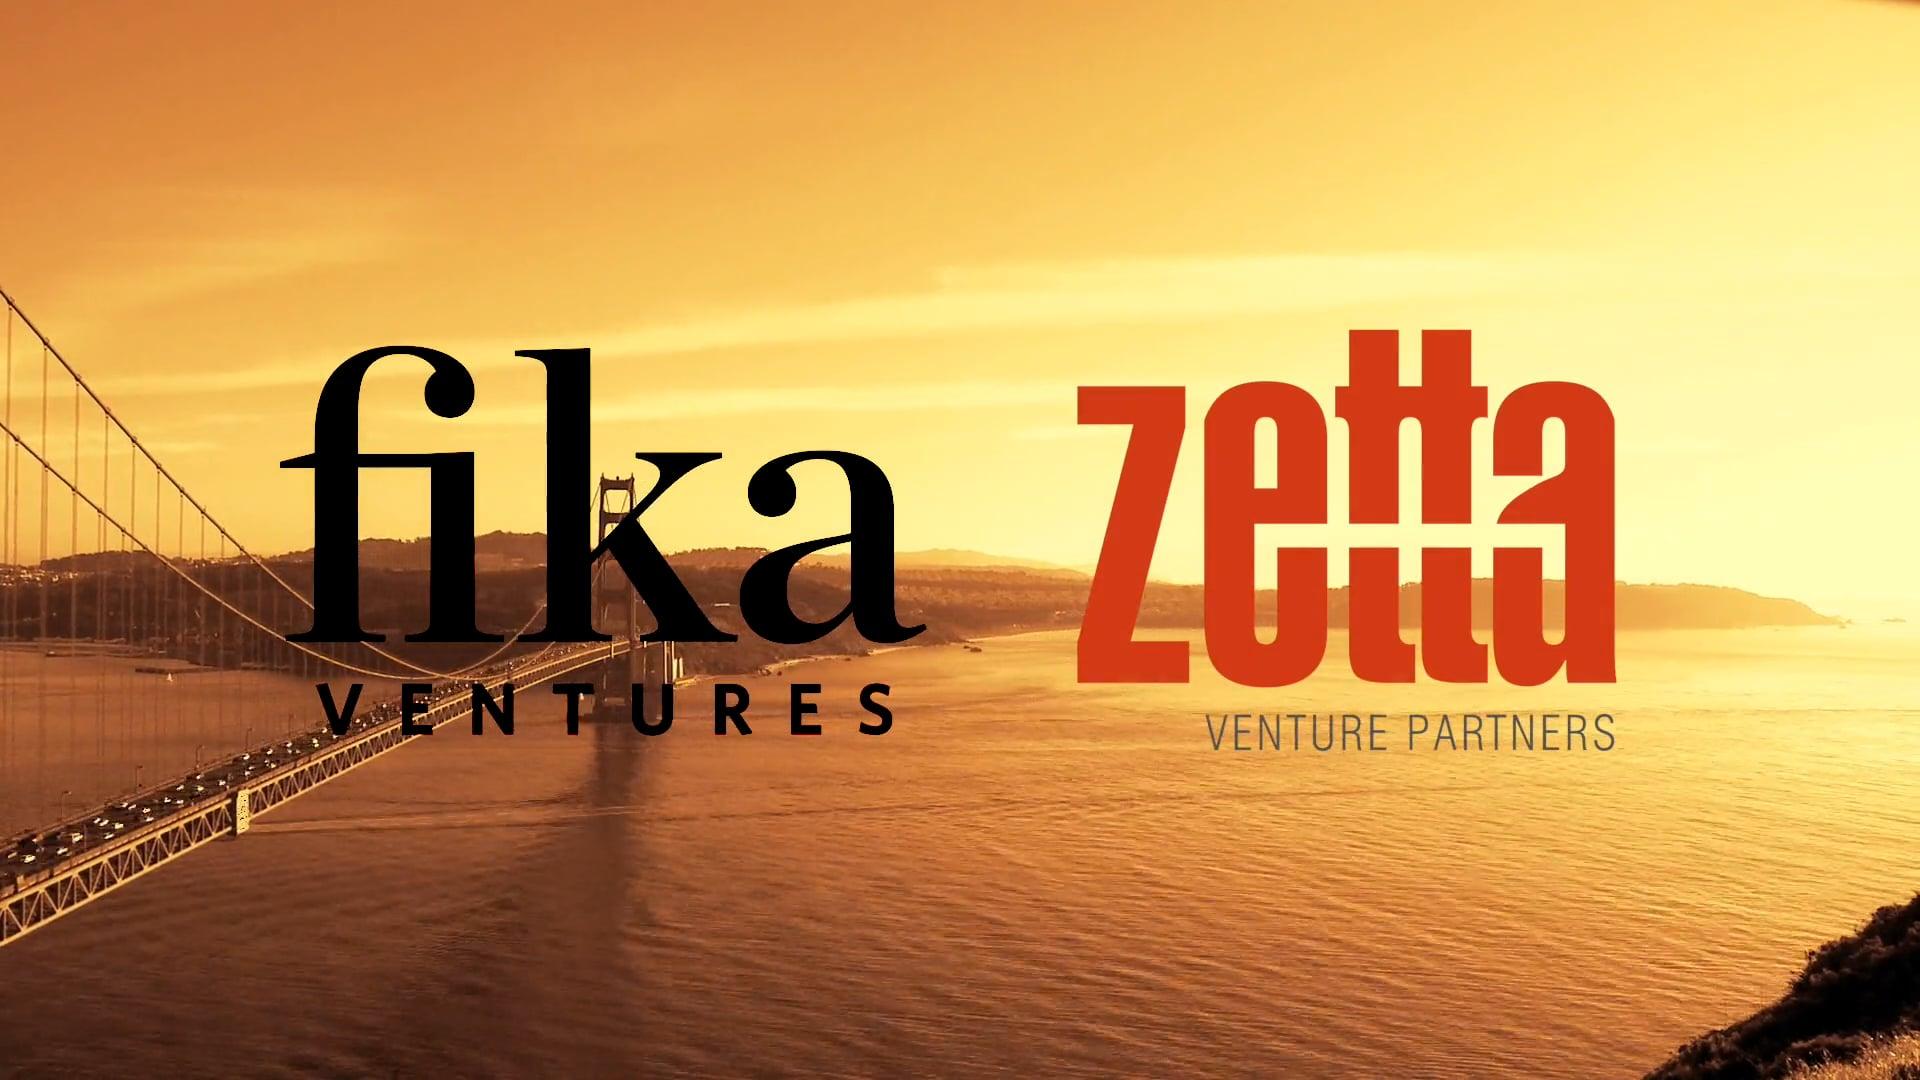 Fika/Zetta Data Summit, San Francisco, CA - Sizzle Reel